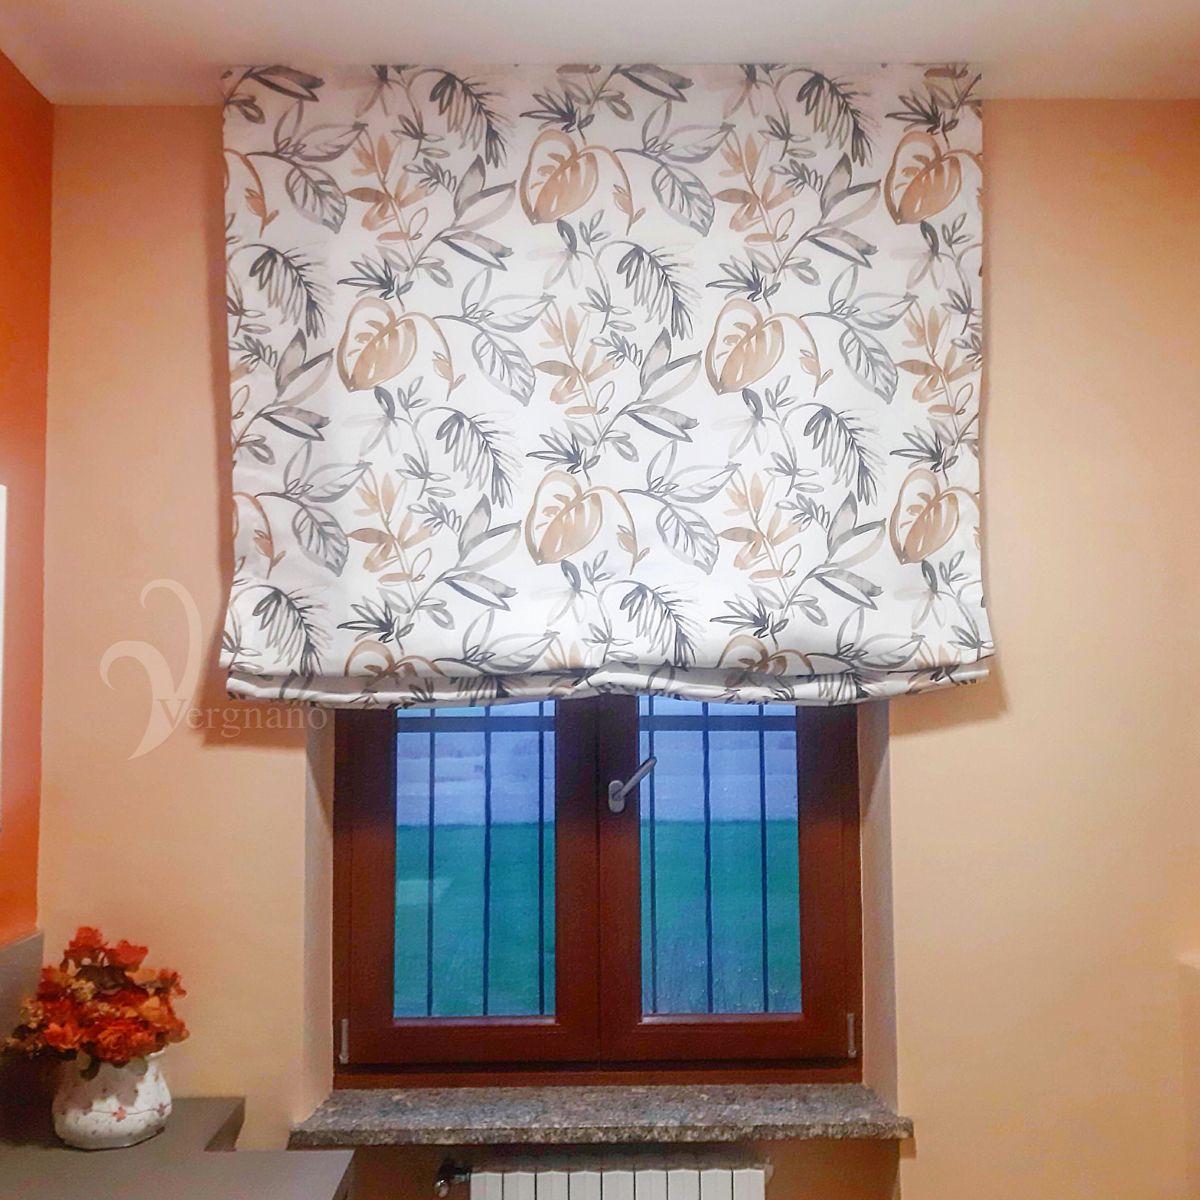 Le tende a rullo e a pacchetto di tende &… a roma, sono realizzate con tessuti e finiture di qualità che vestiranno con stile le vostre finestre. Tenda A Pacchetto In Tessuto Misto Cotone Stampato Tende A Pacchetto Tende Tendaggio